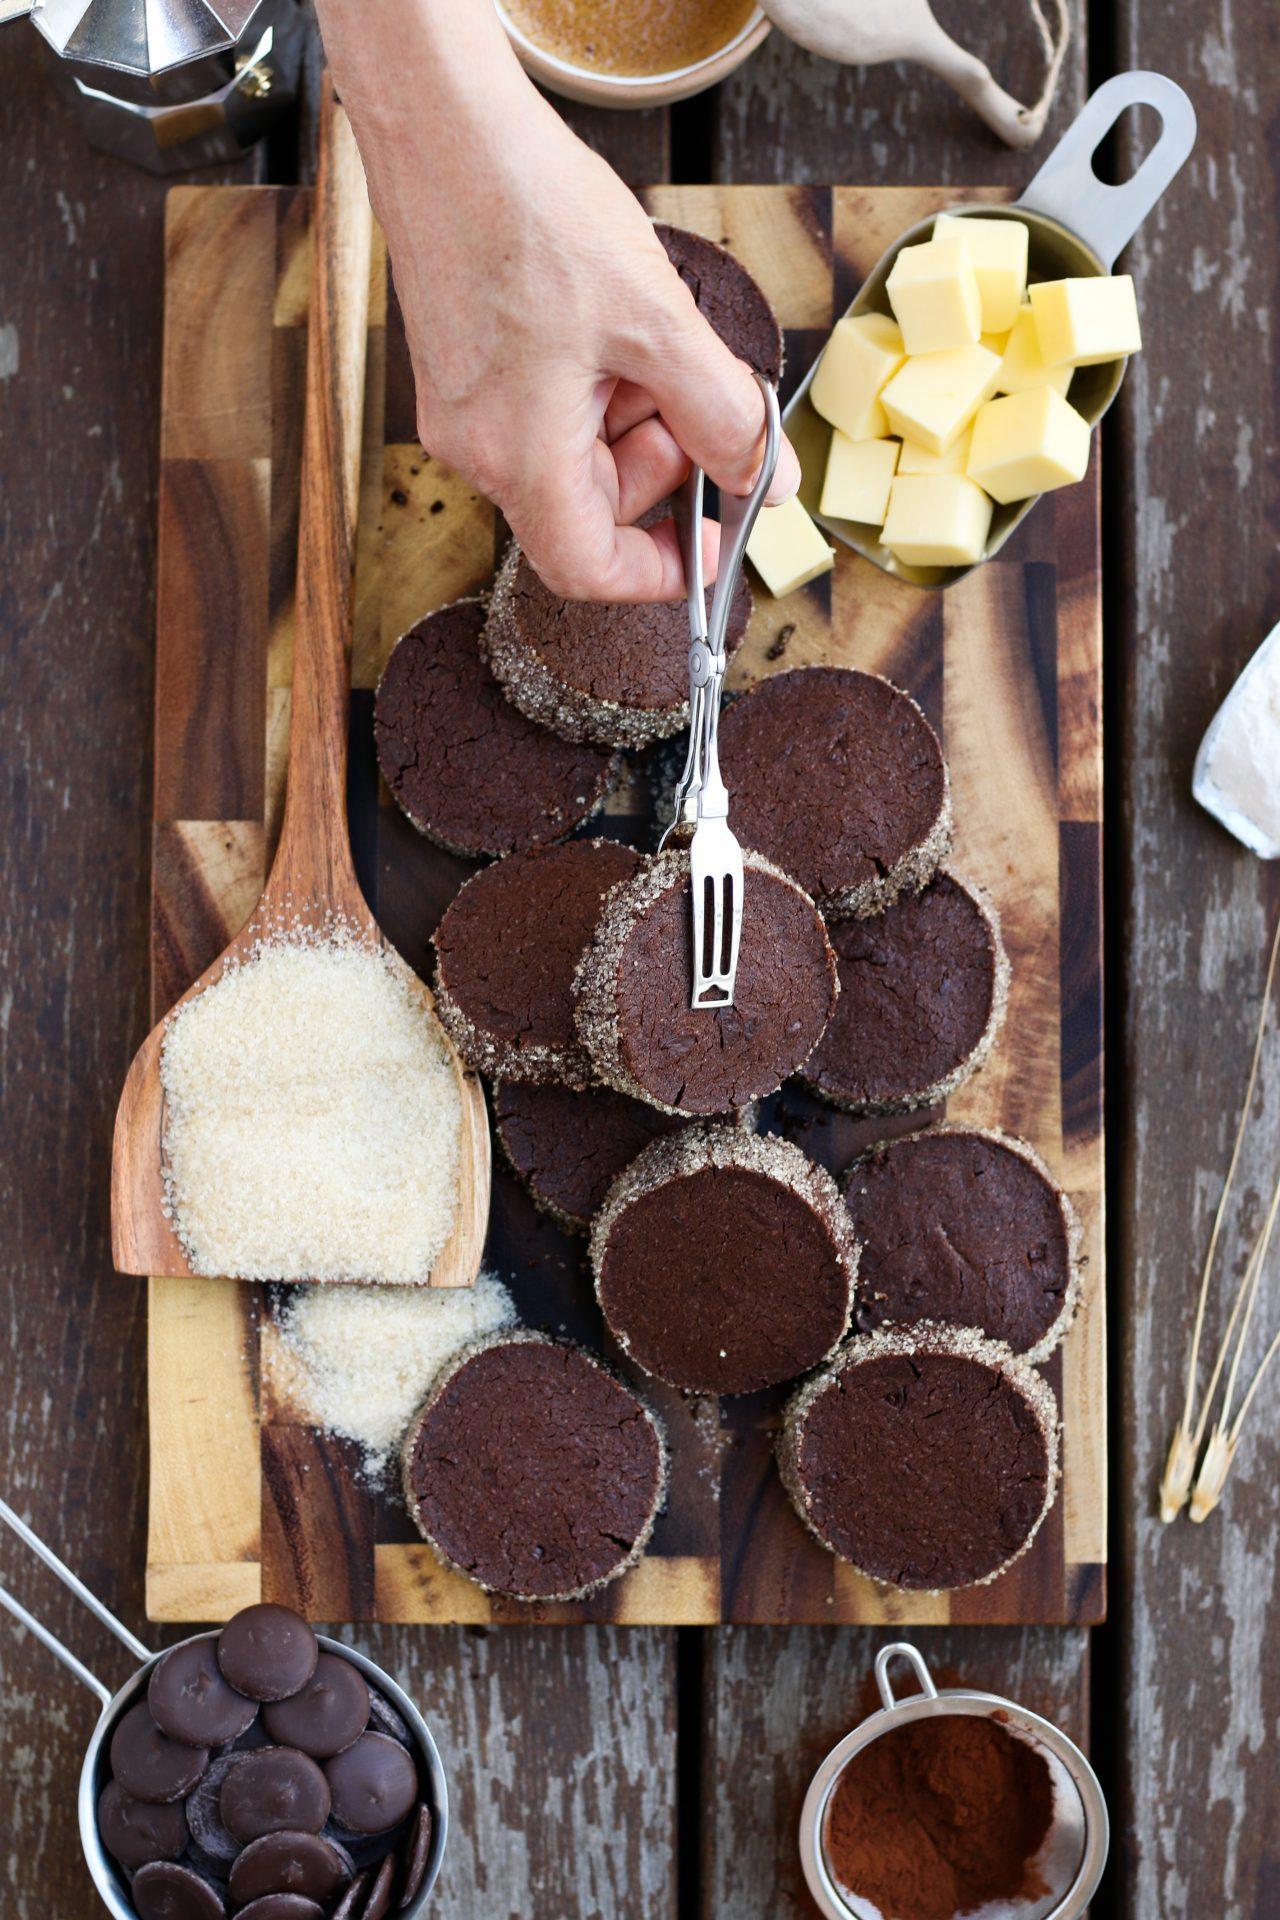 עוגיות דיאמנט שוקולד